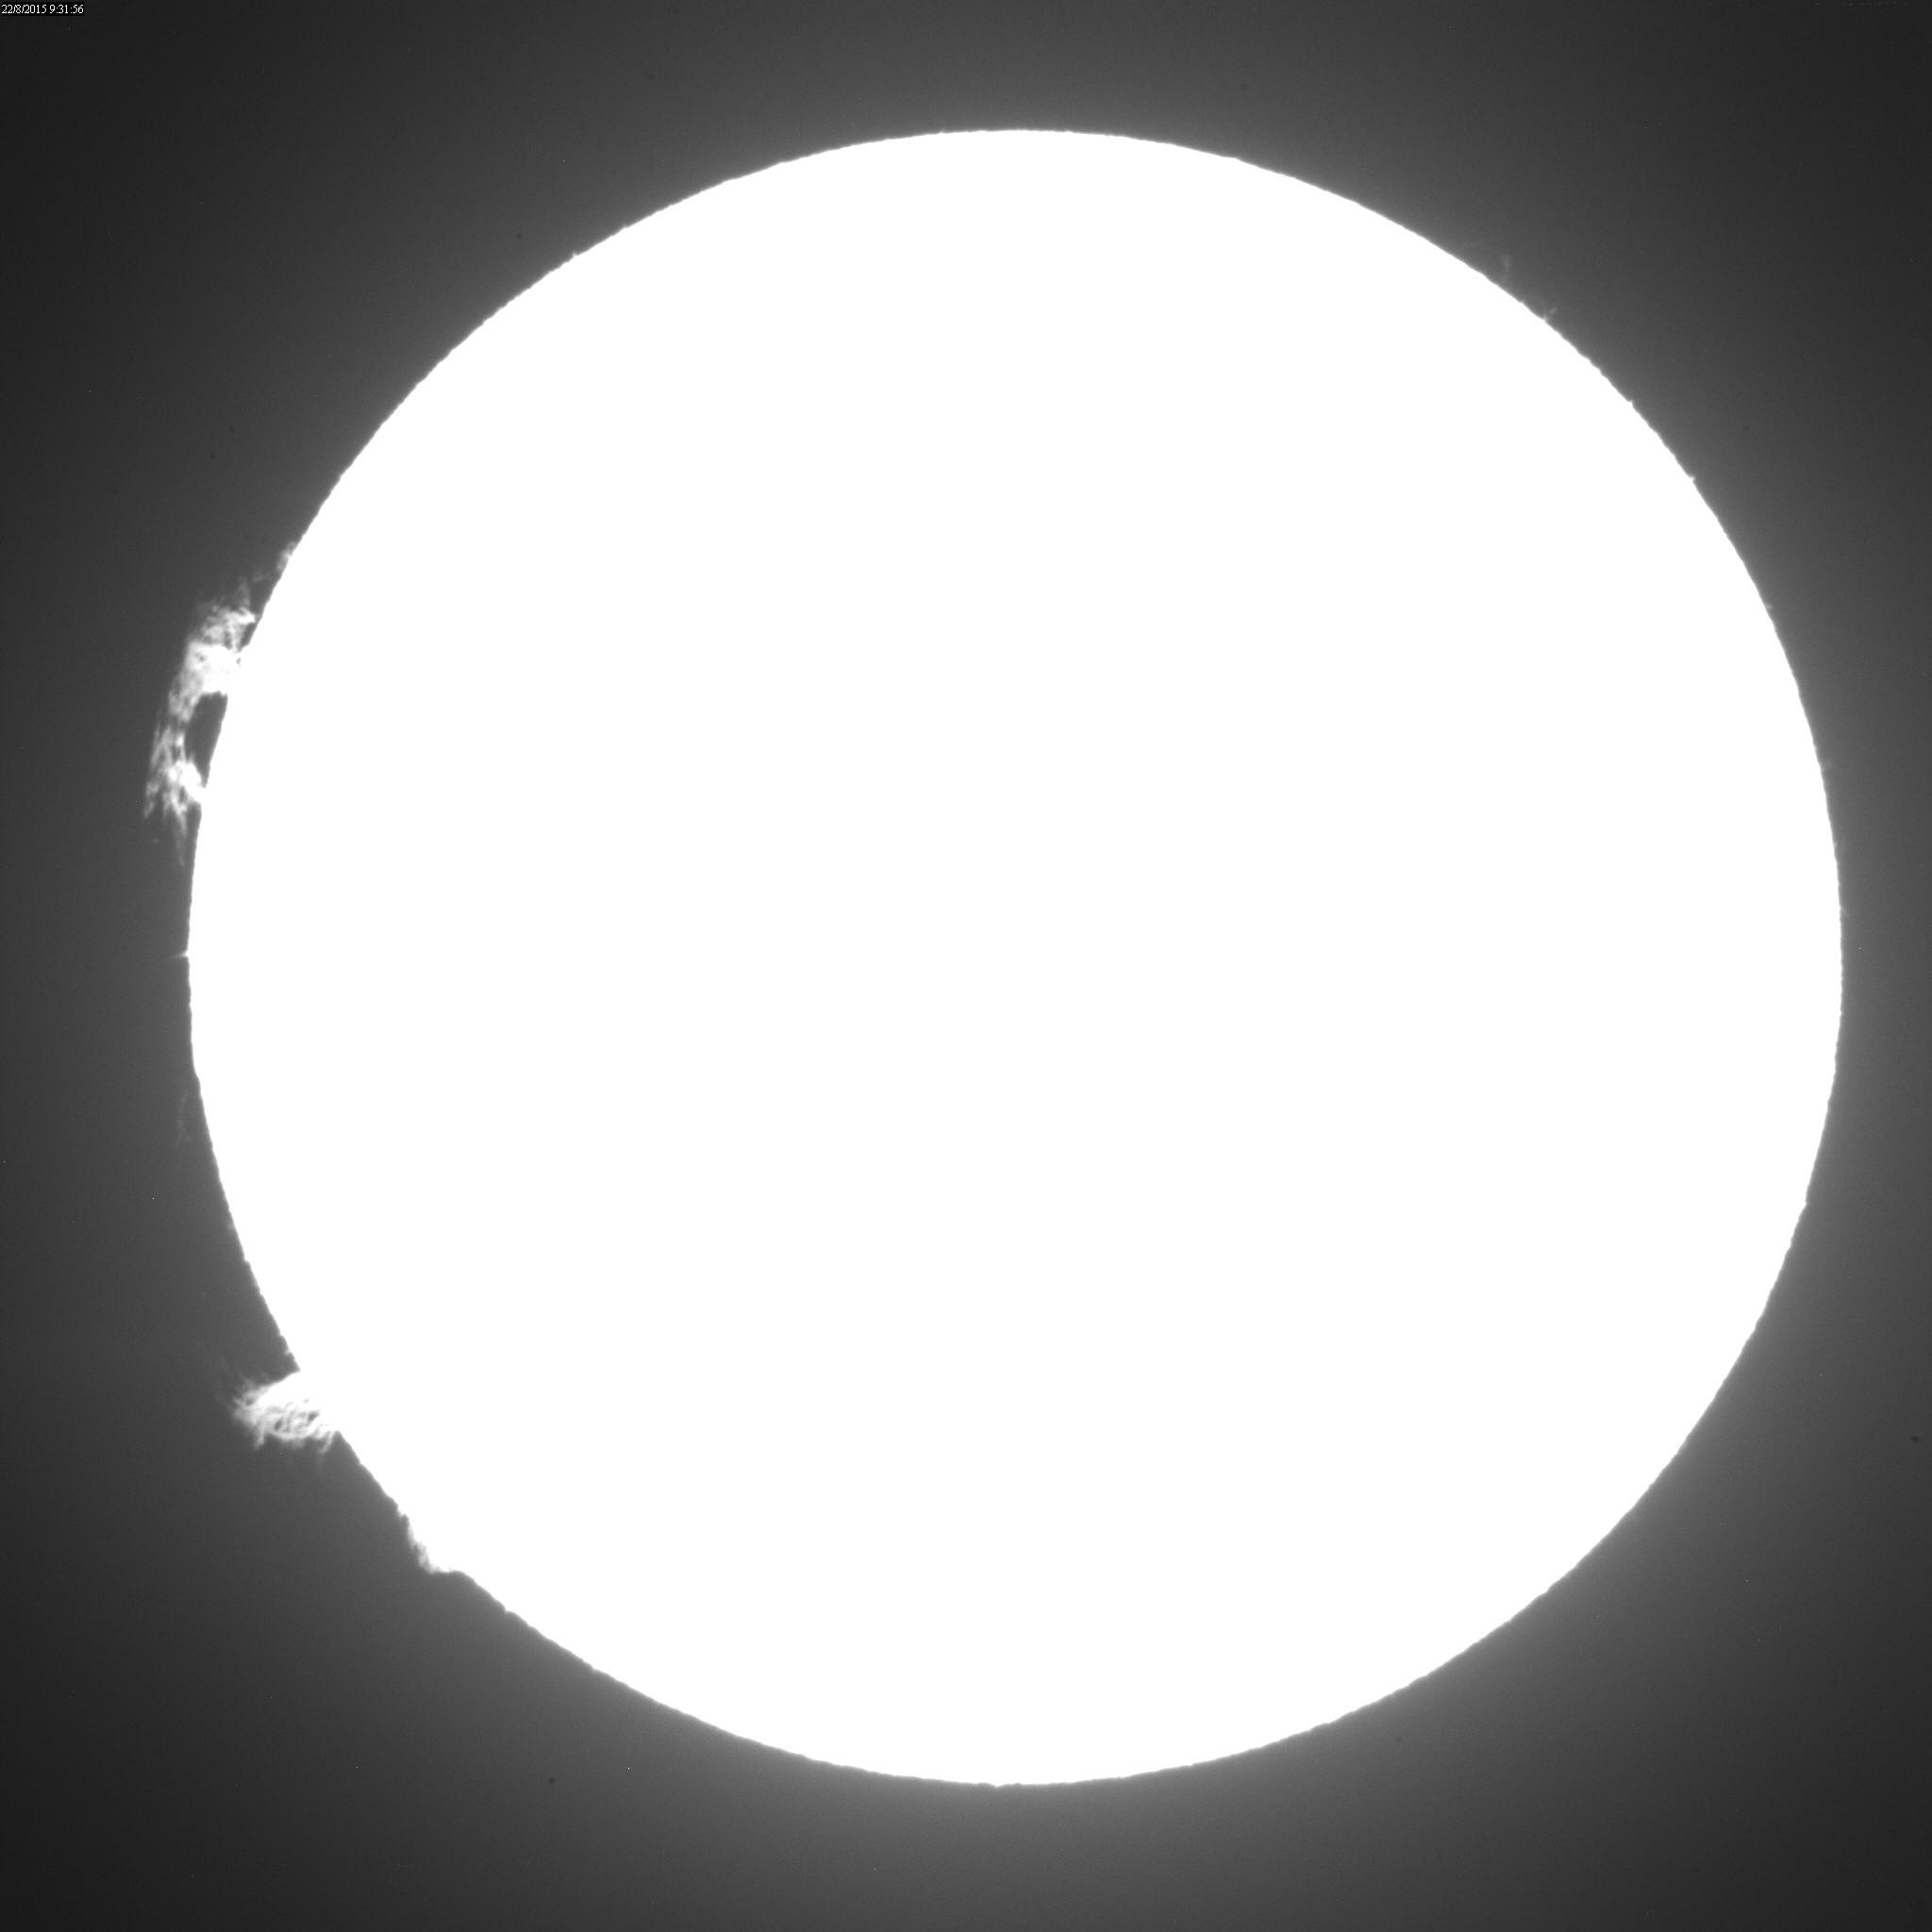 2015 August 22 Sun - AR12403